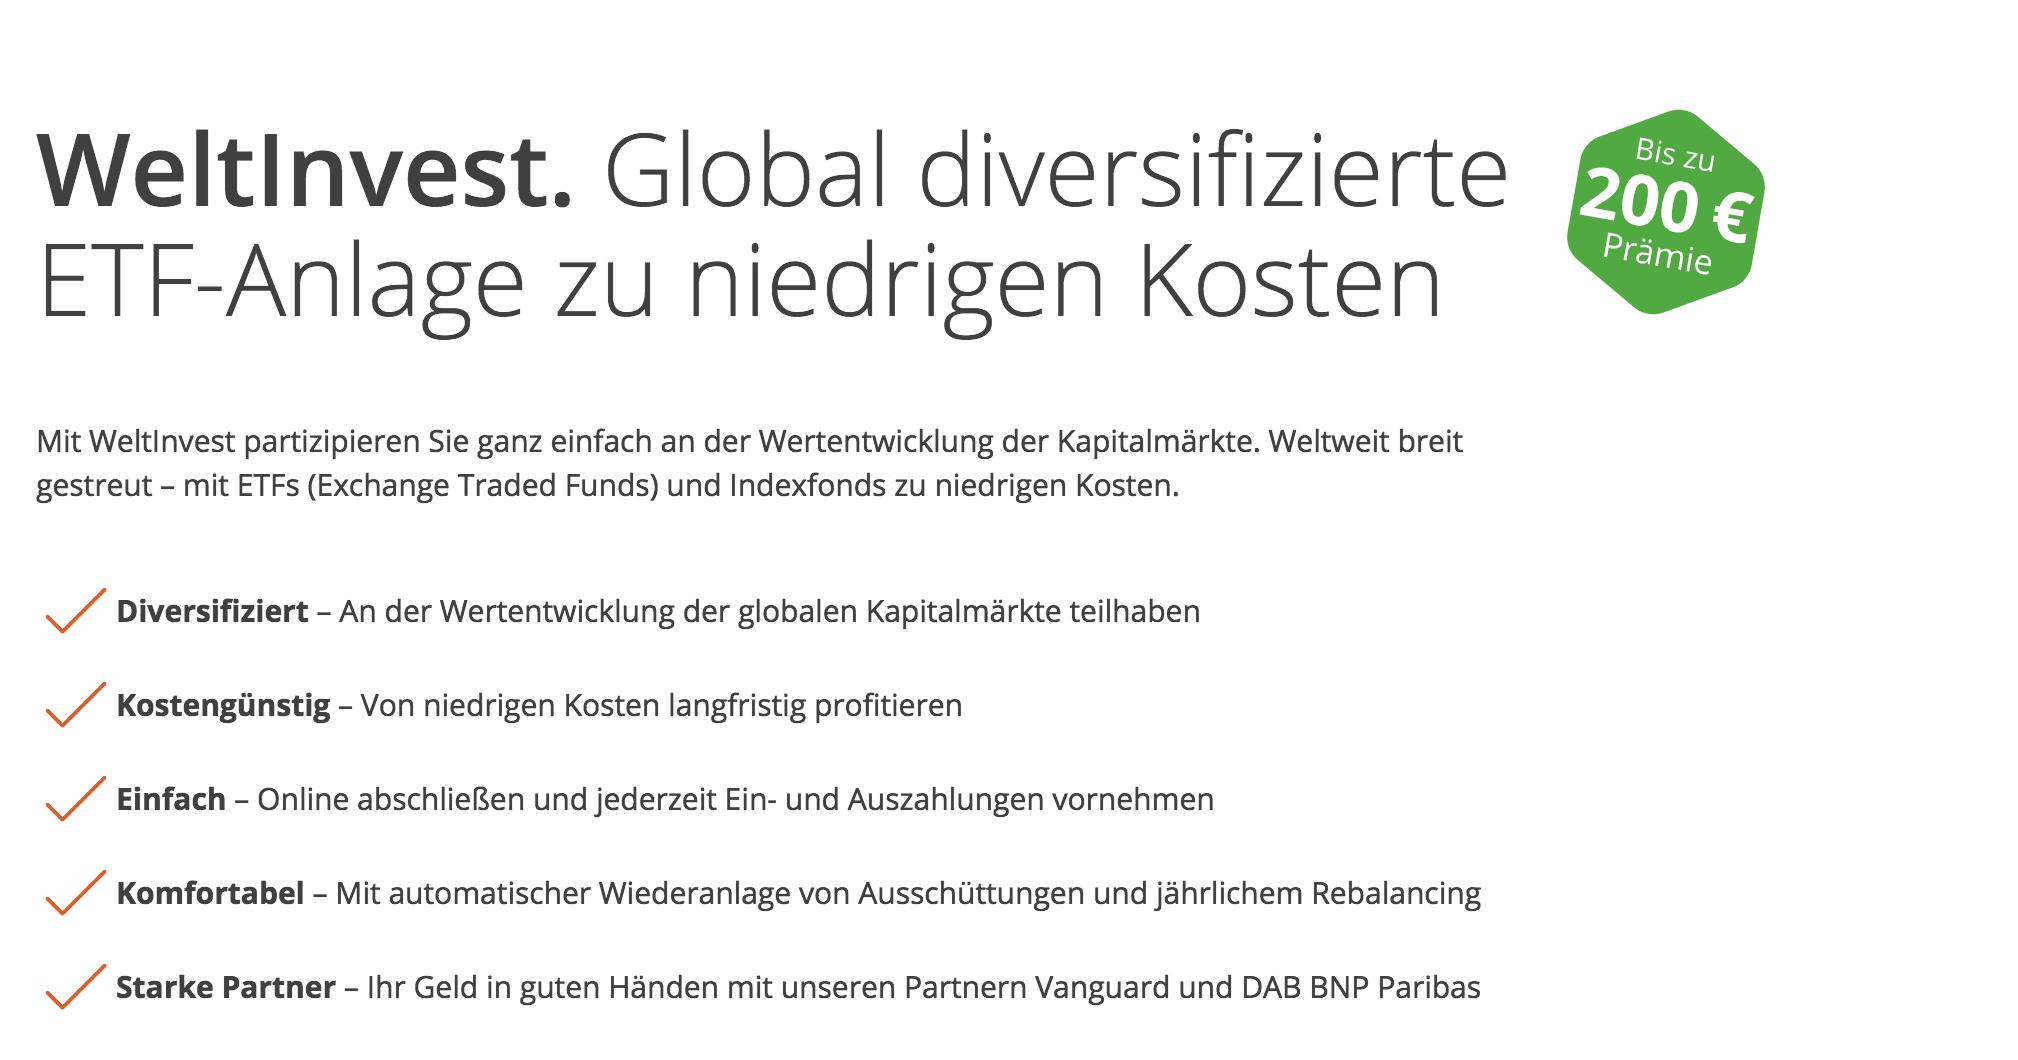 WeltInvest ETF-Anlage